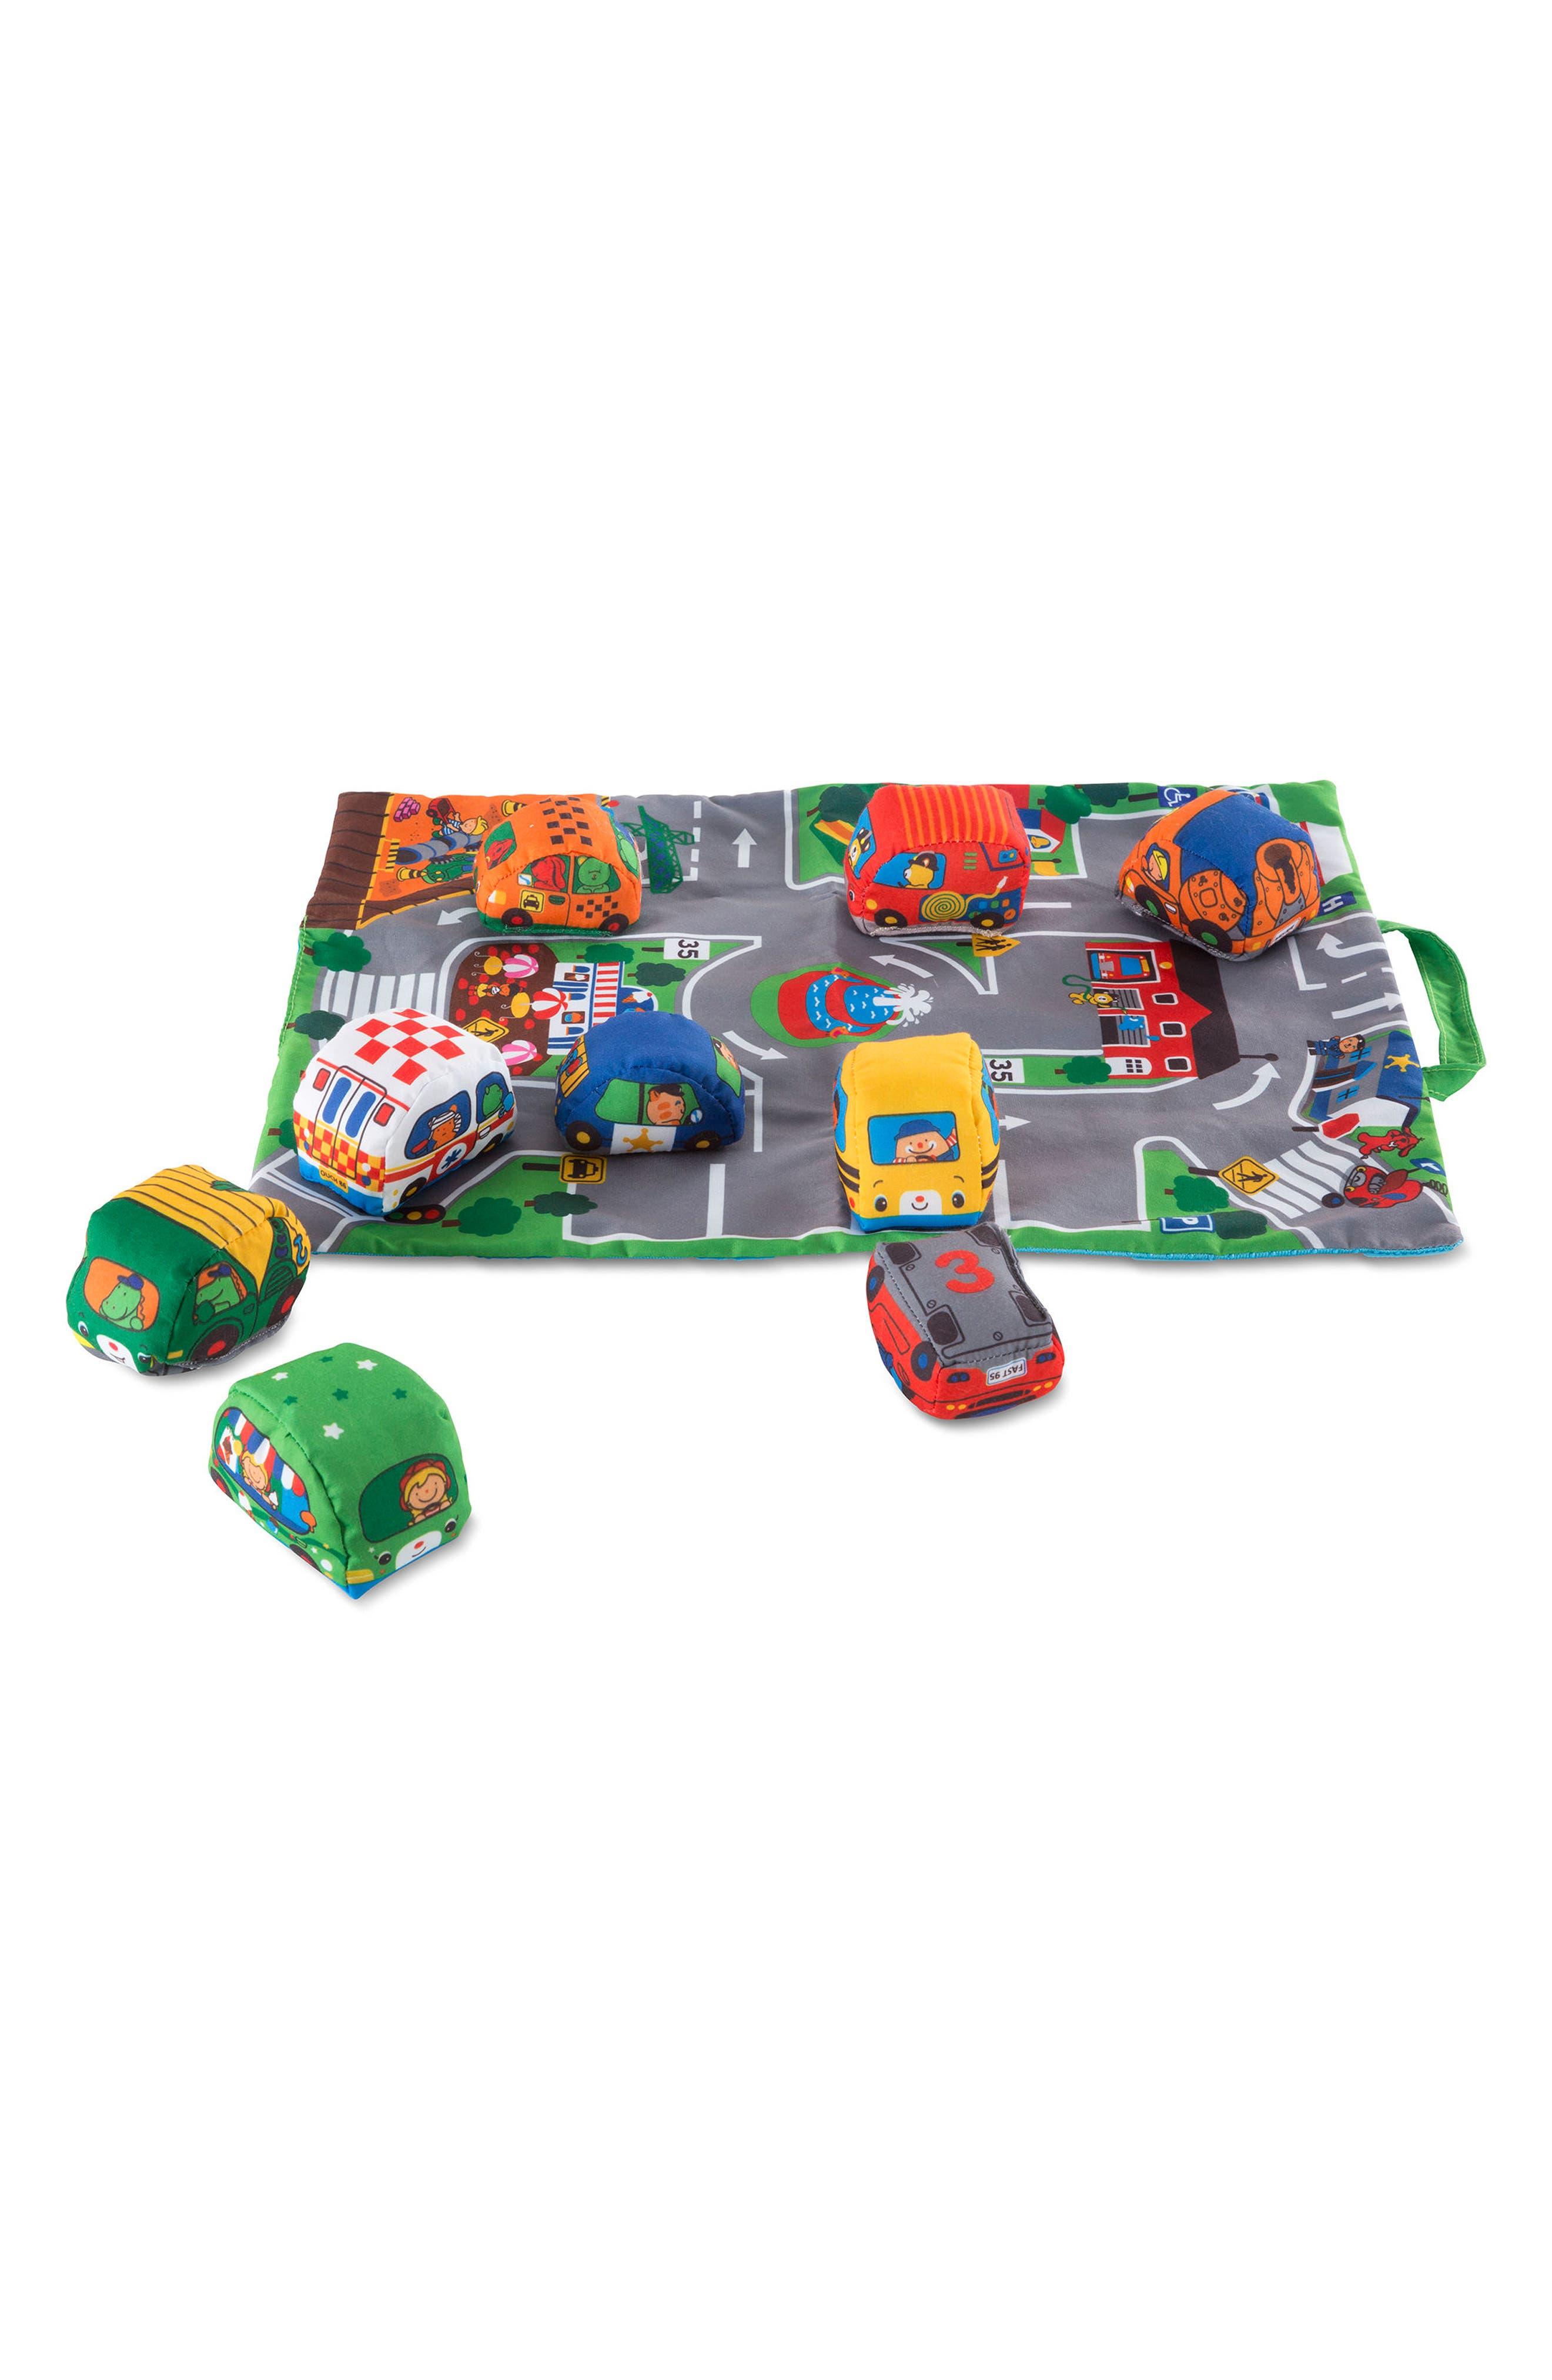 Take-Along Town Play Mat,                         Main,                         color, Green